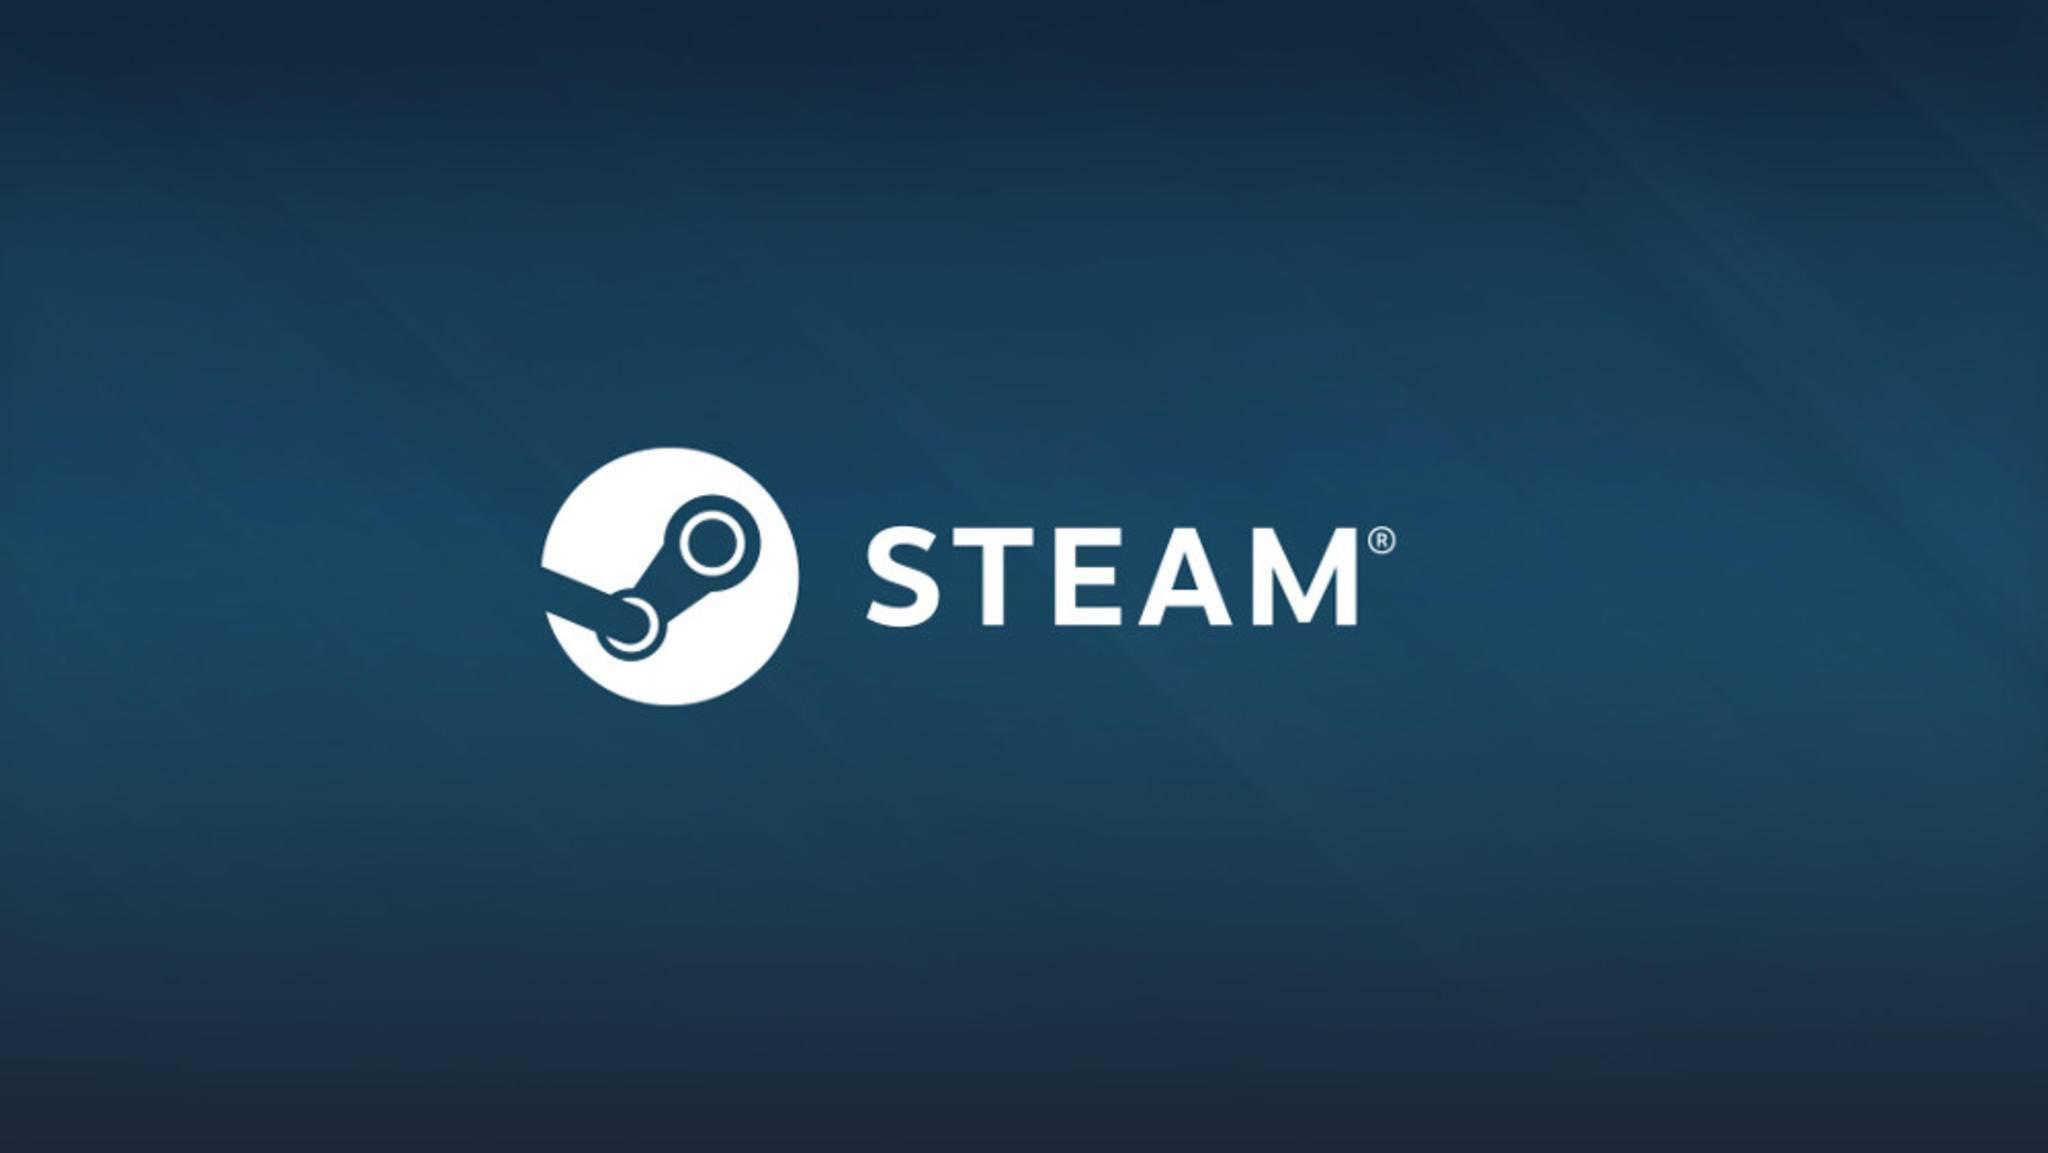 Steam spiel lauft im hintergrund